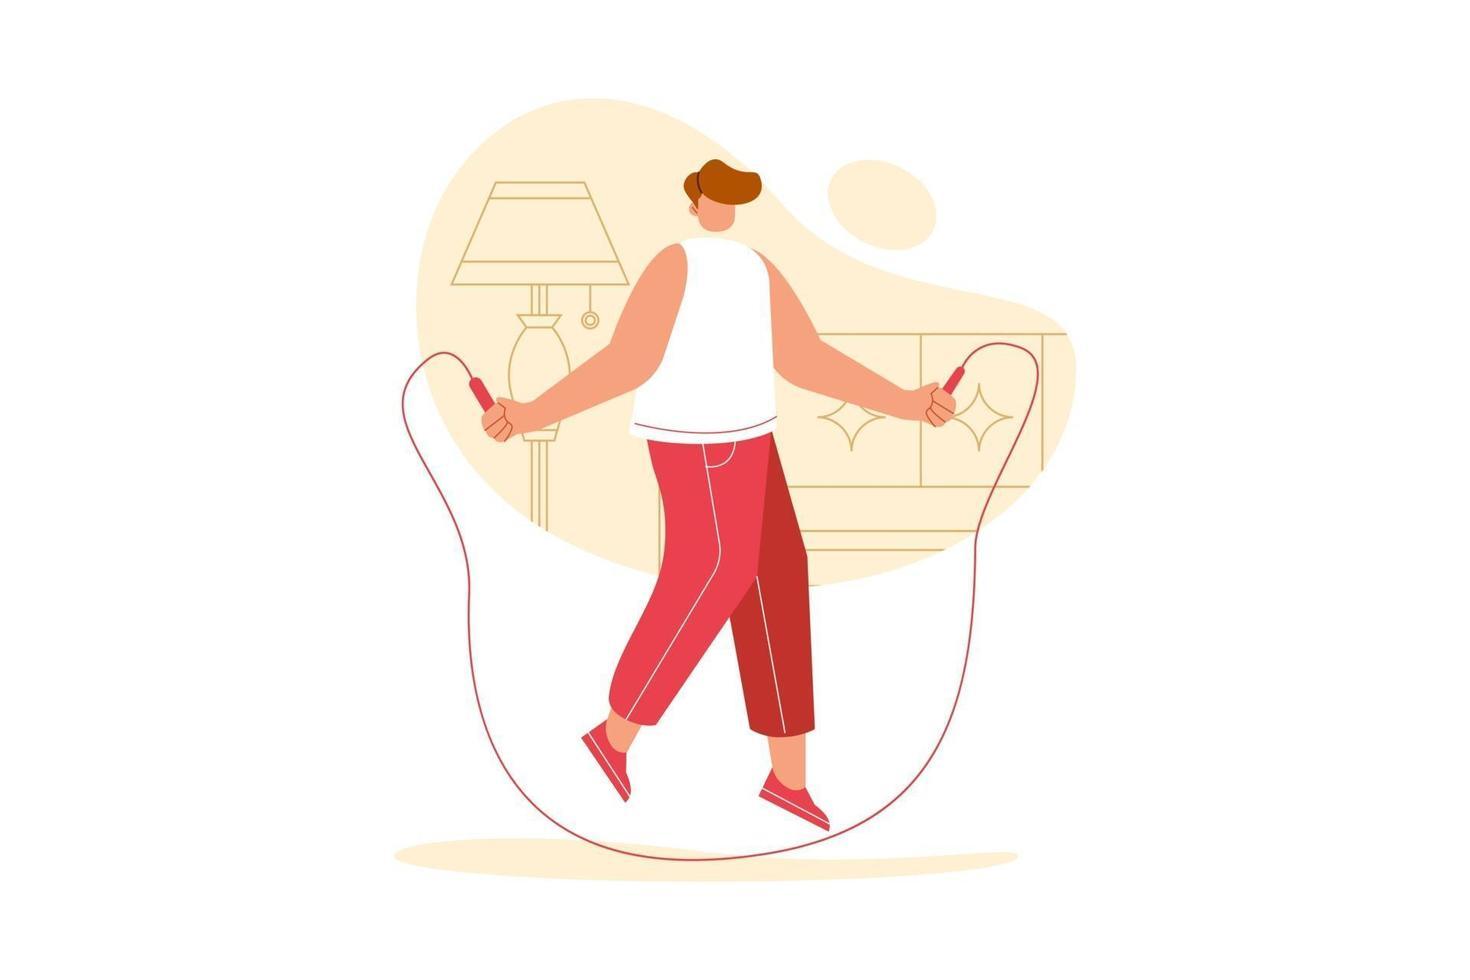 vektorillustration av människor som hoppar över rep hemma. utöva tecknad koncept. vektor